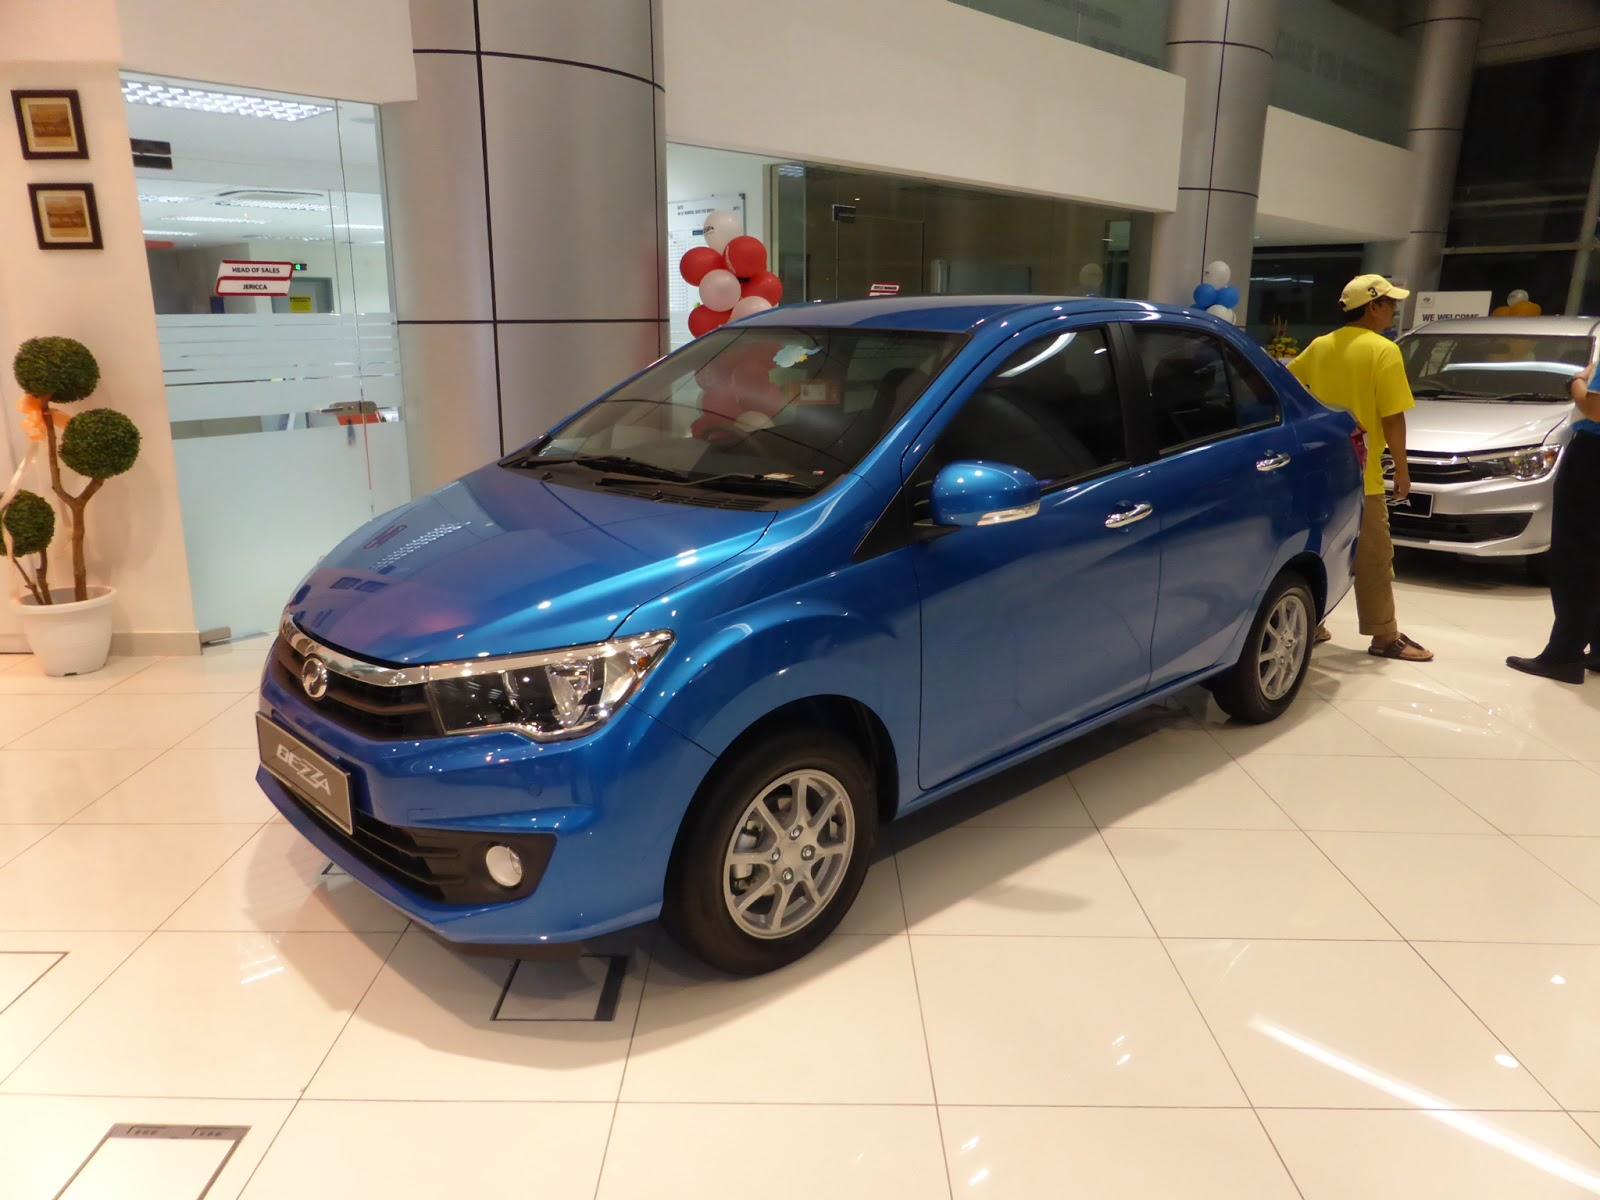 20 000 bezza cars delivered